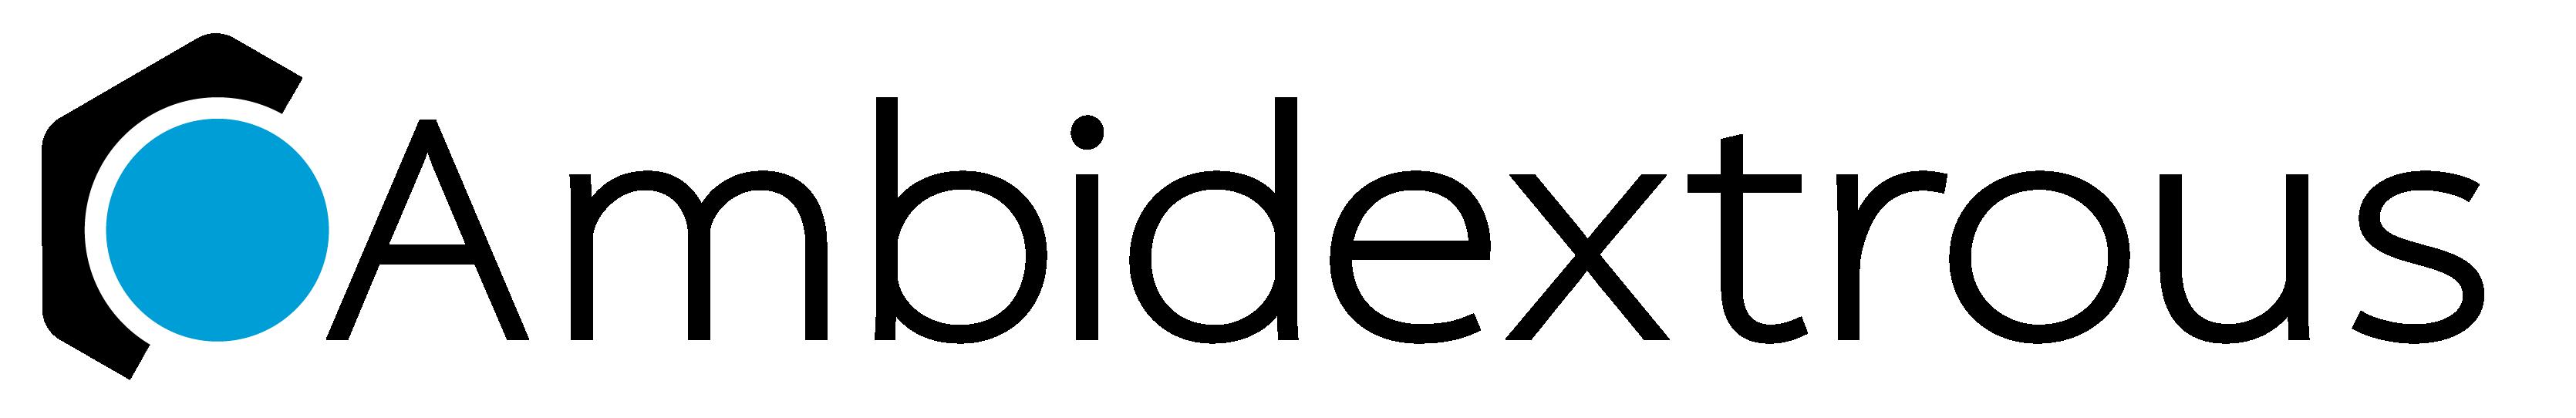 Ambidextrous logo